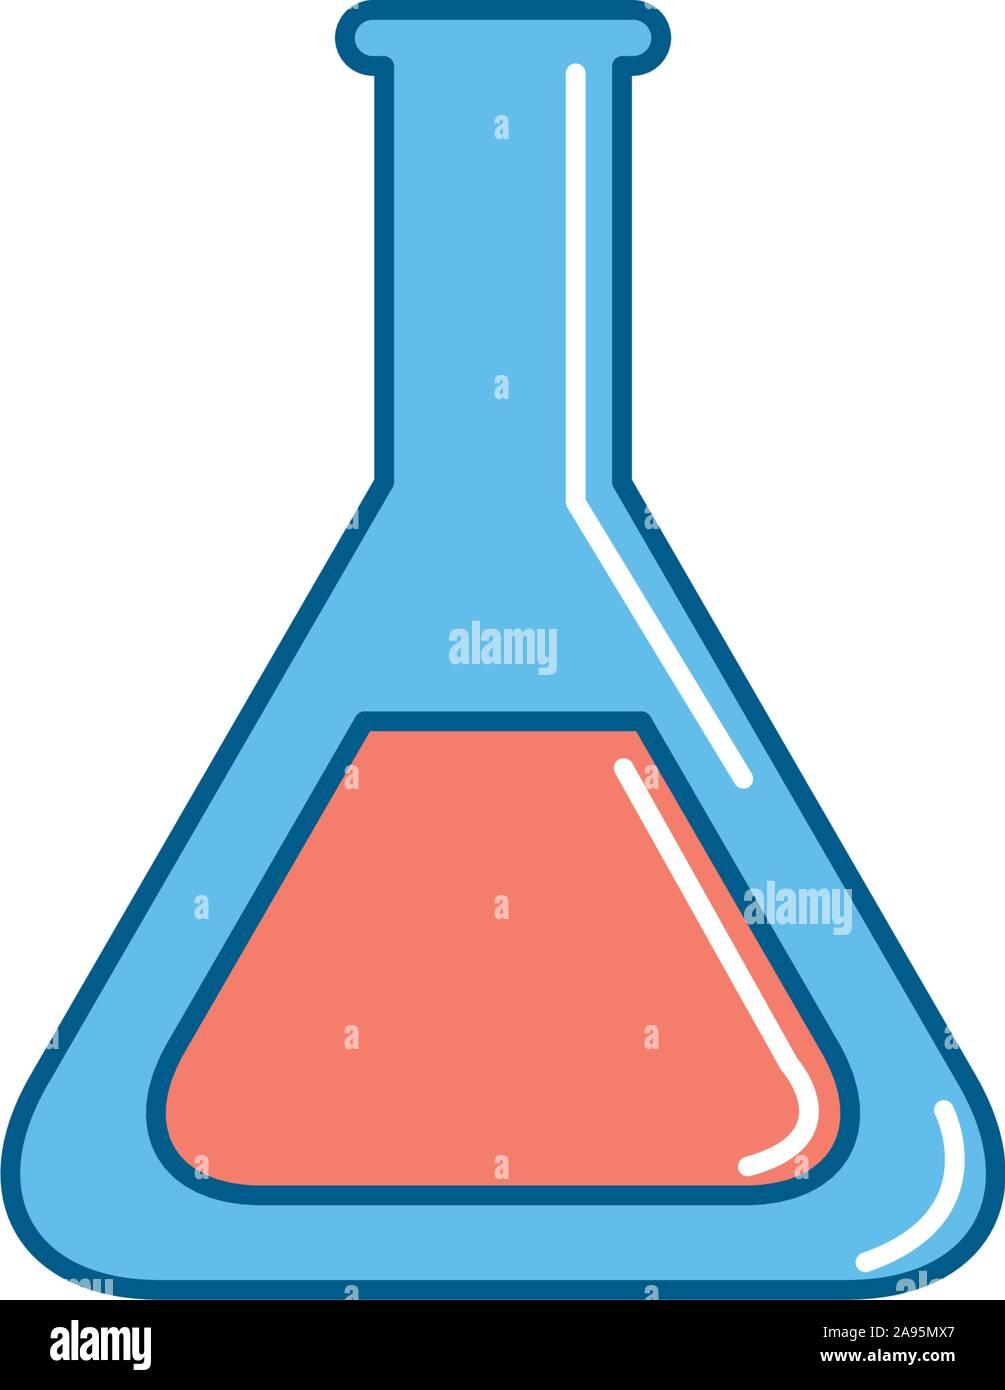 Icône fiole design, fond de la recherche en chimie Laboratoire des sciences de la technologie et la biologie thème Vector illustration Illustration de Vecteur